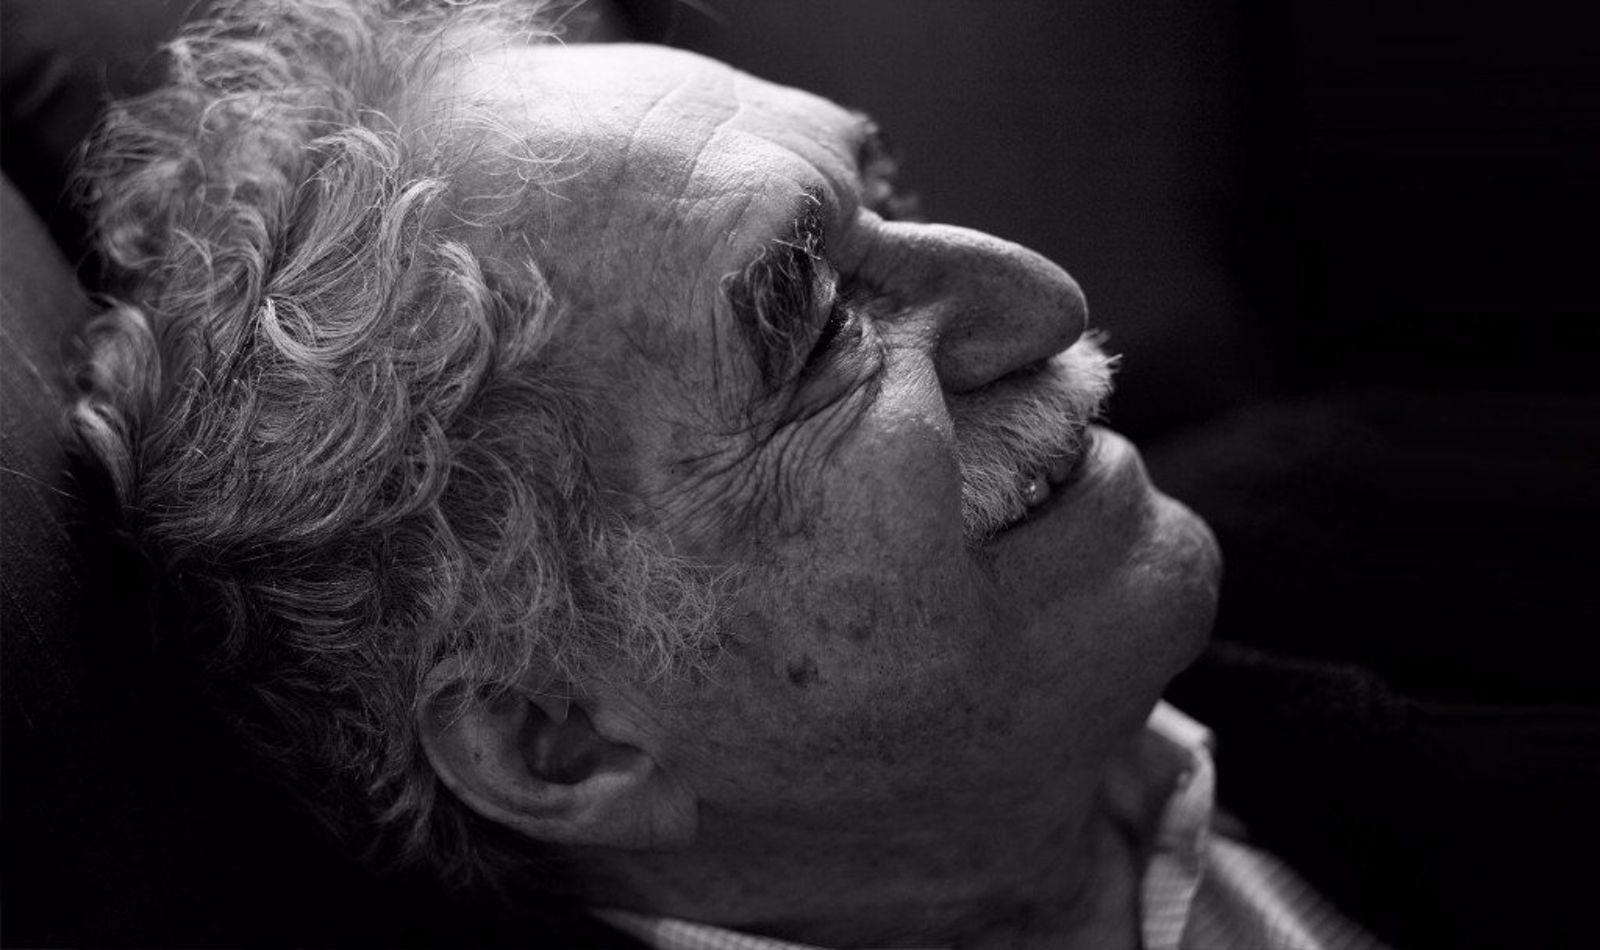 التحدي... غابرييل غارسيا ماركيز عن كتابة قصصه الأولى (ترجمة)